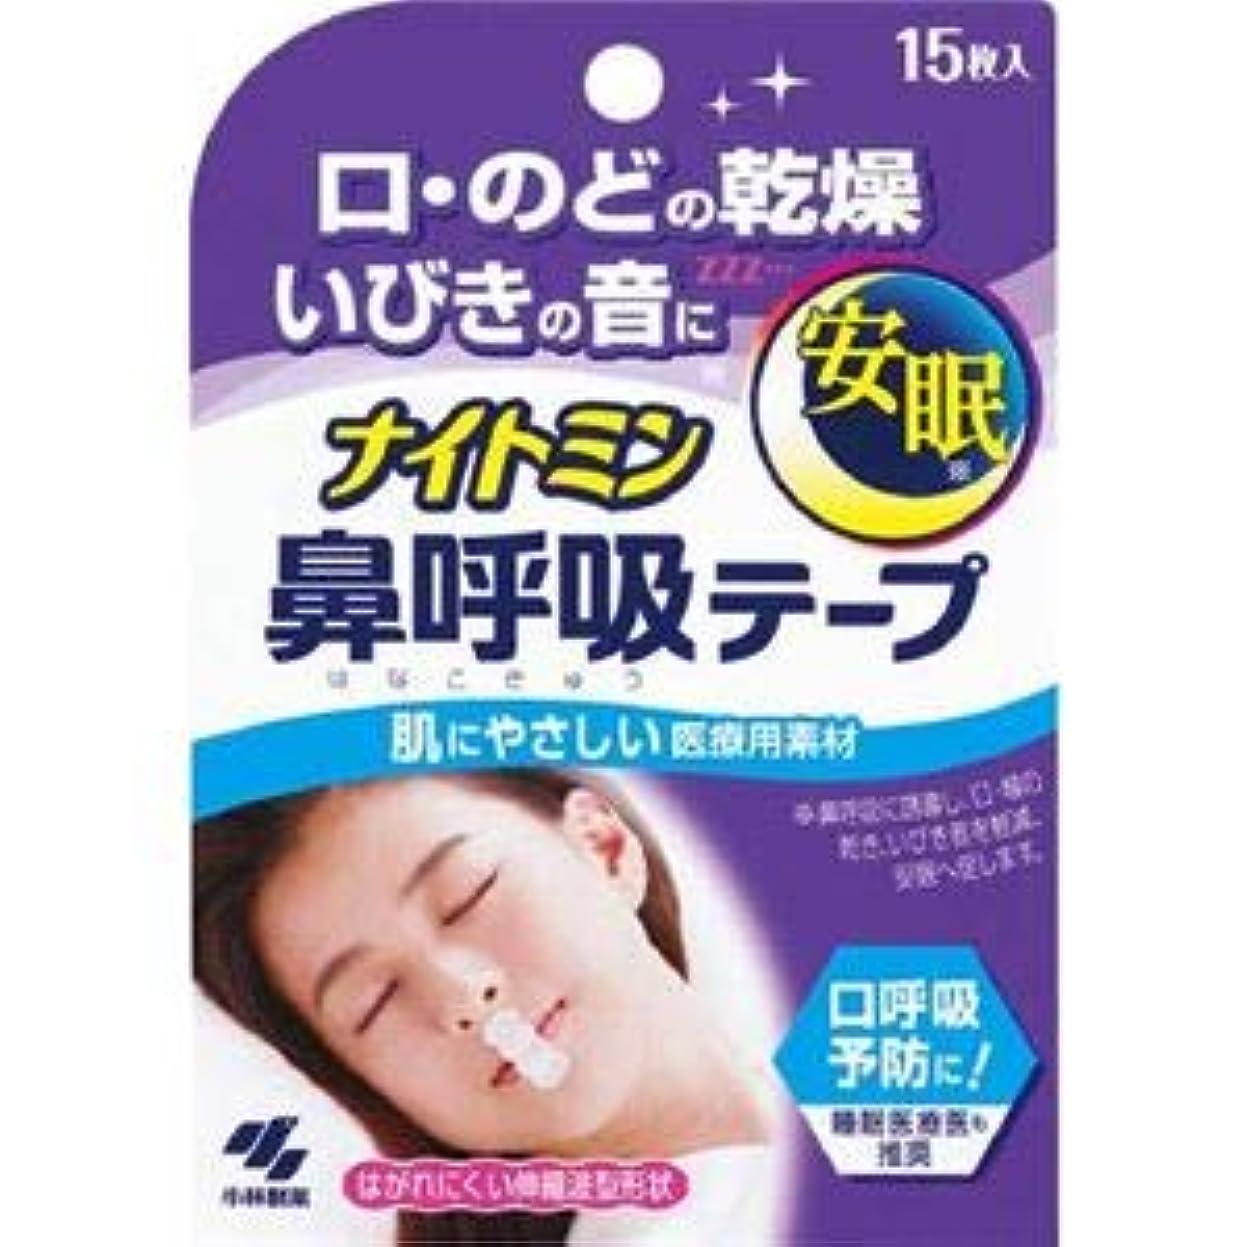 応答幅レプリカ(まとめ)小林製薬 ナイトミン 鼻呼吸テープ 【×3点セット】